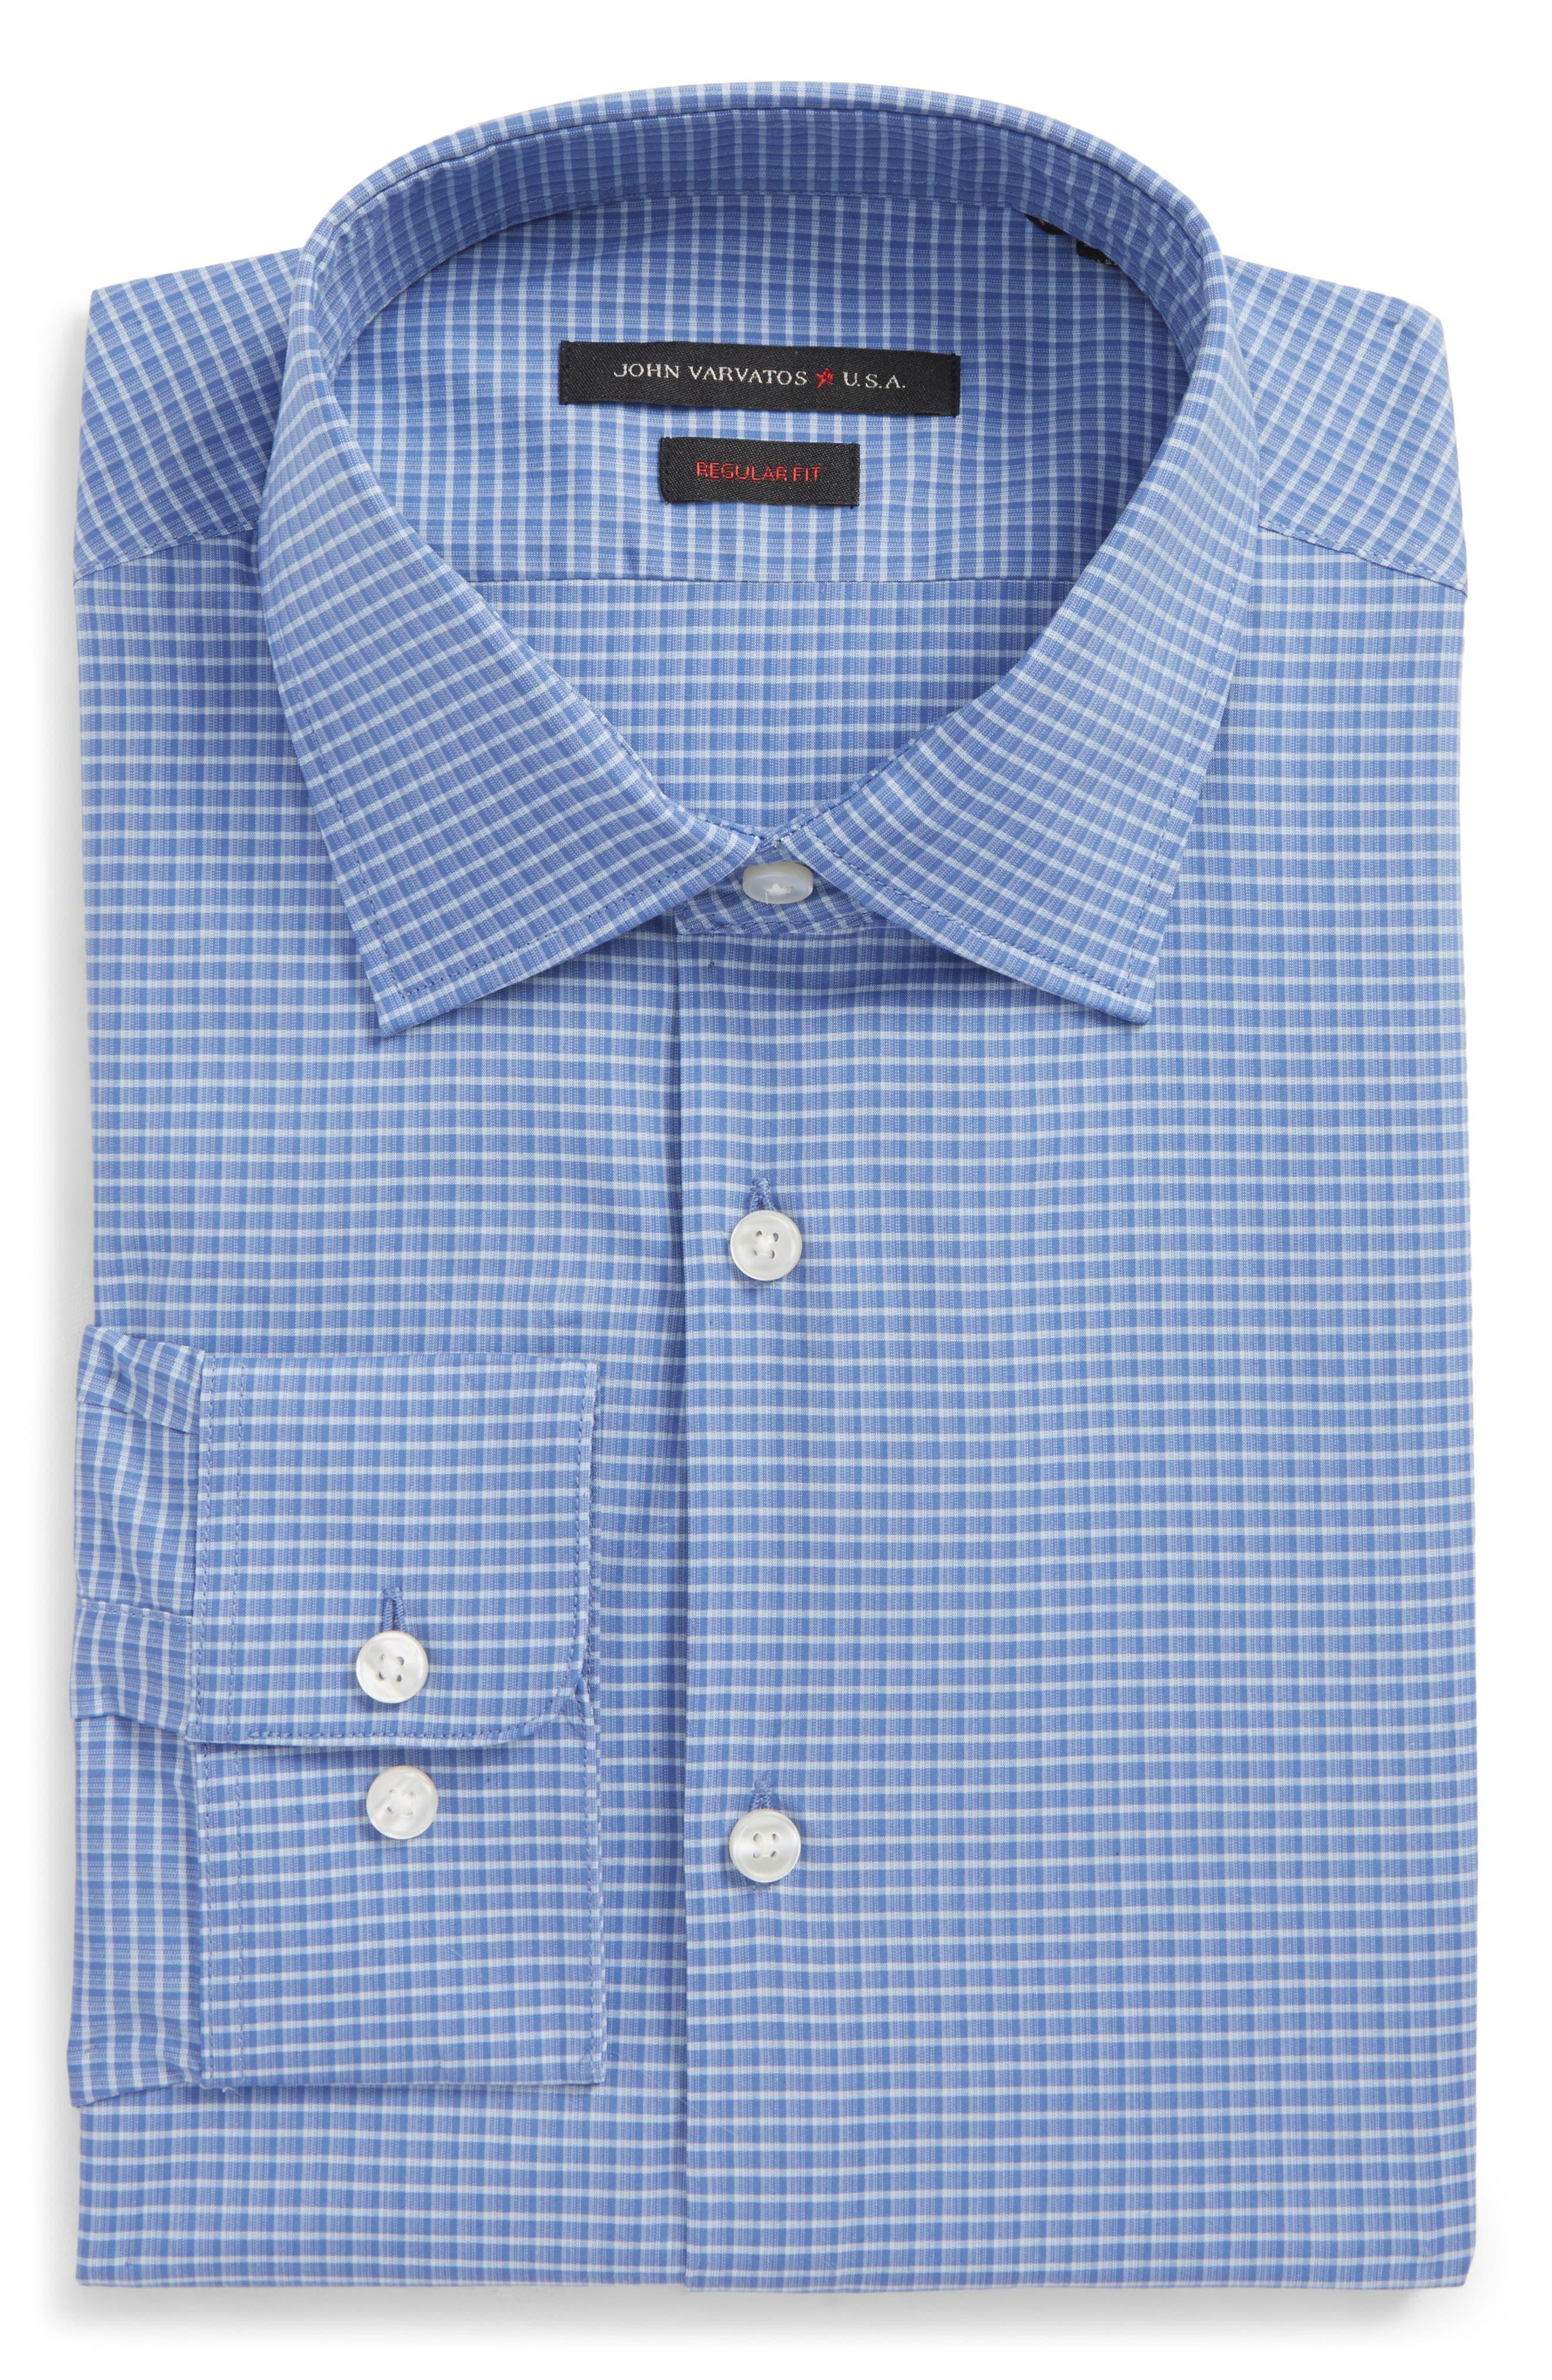 Regular Fit Stretch Plaid Dress Shirt,                         Main,                         color, 433